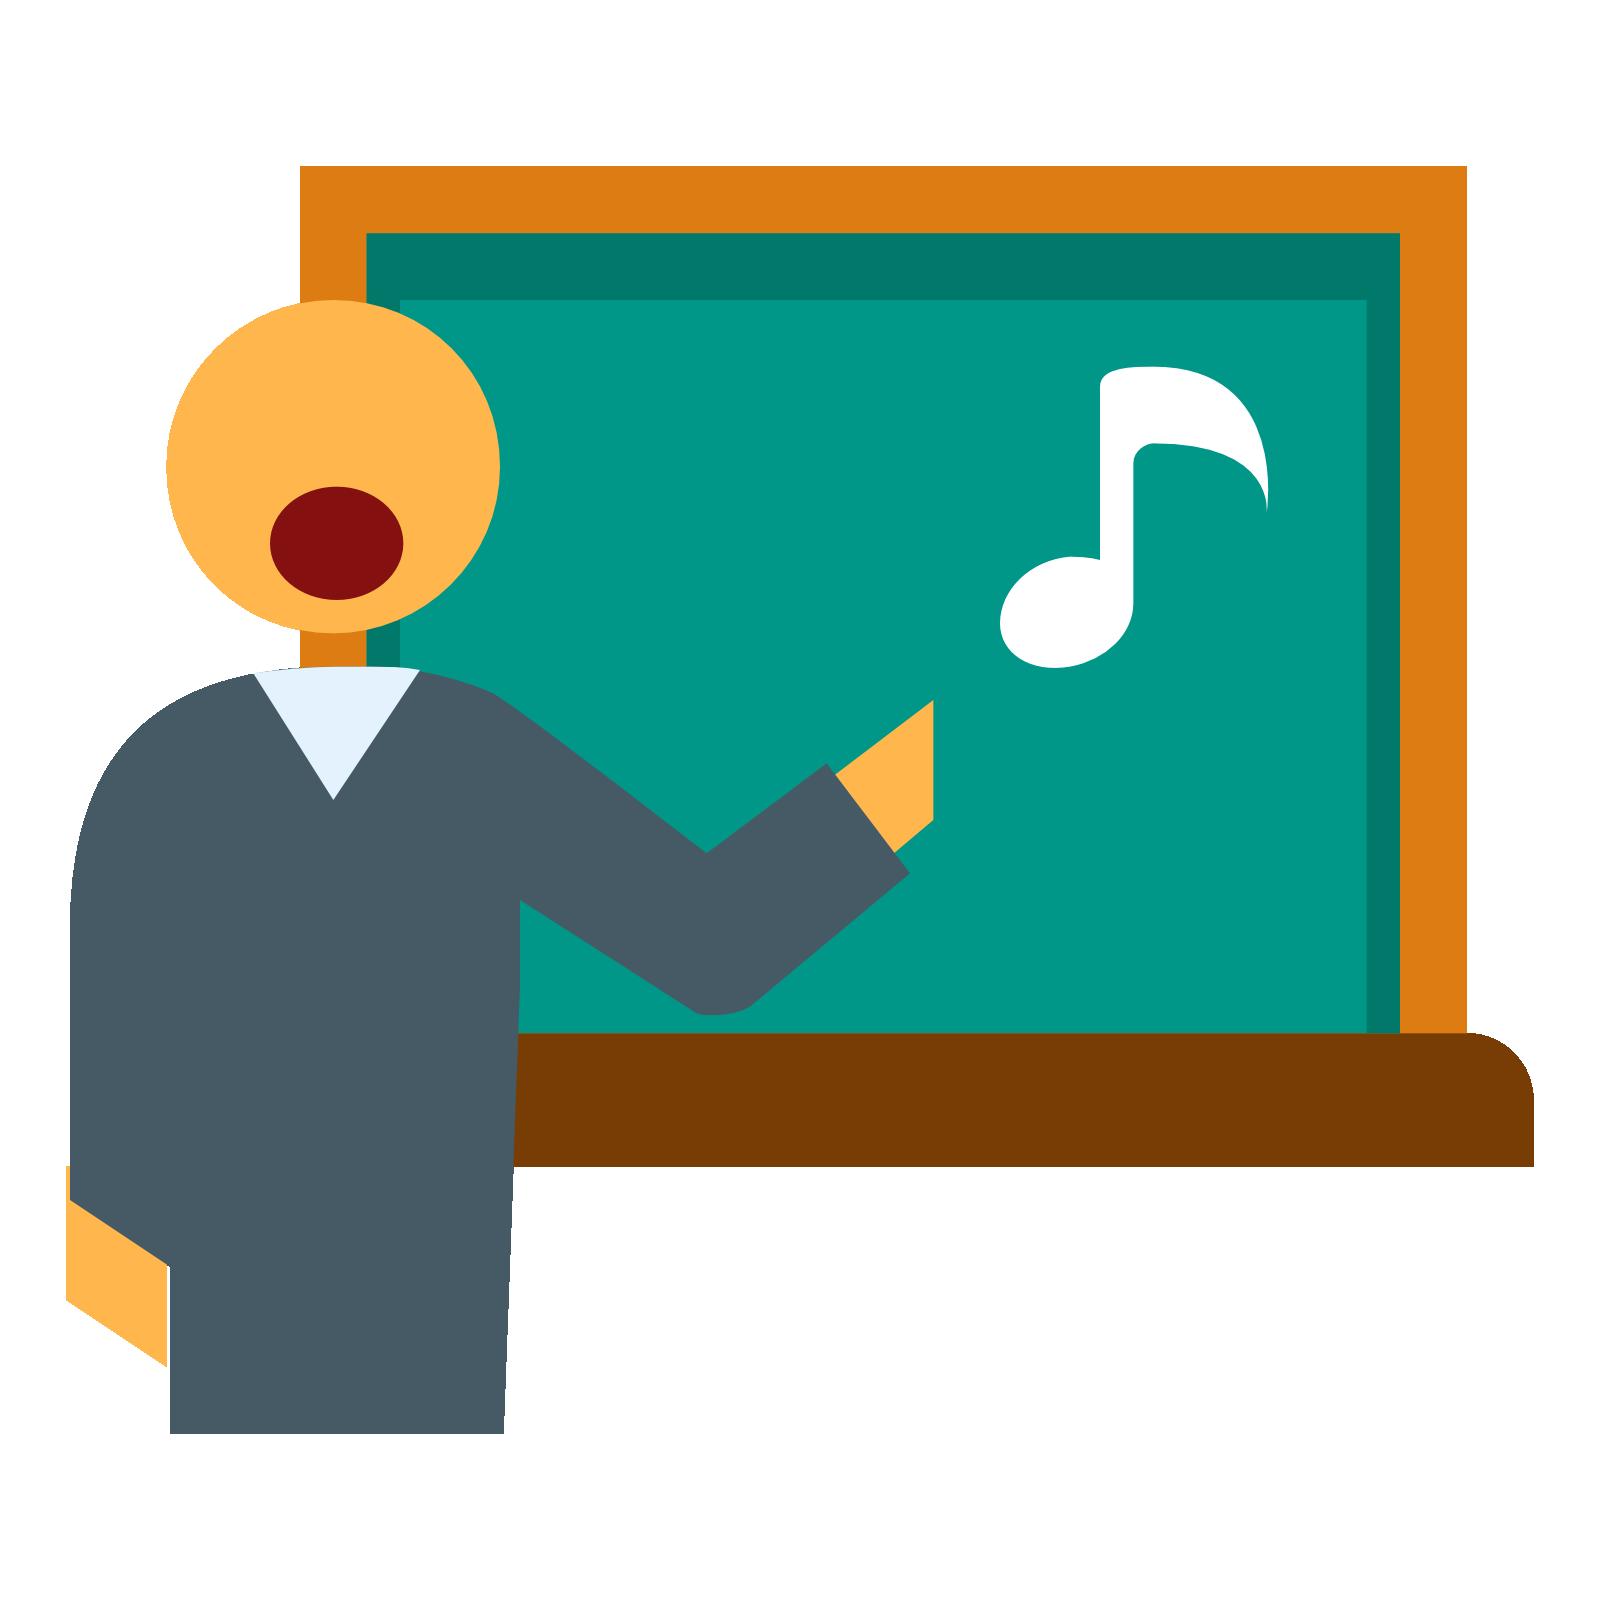 Clipart teacher icon. Png transparent images pluspng